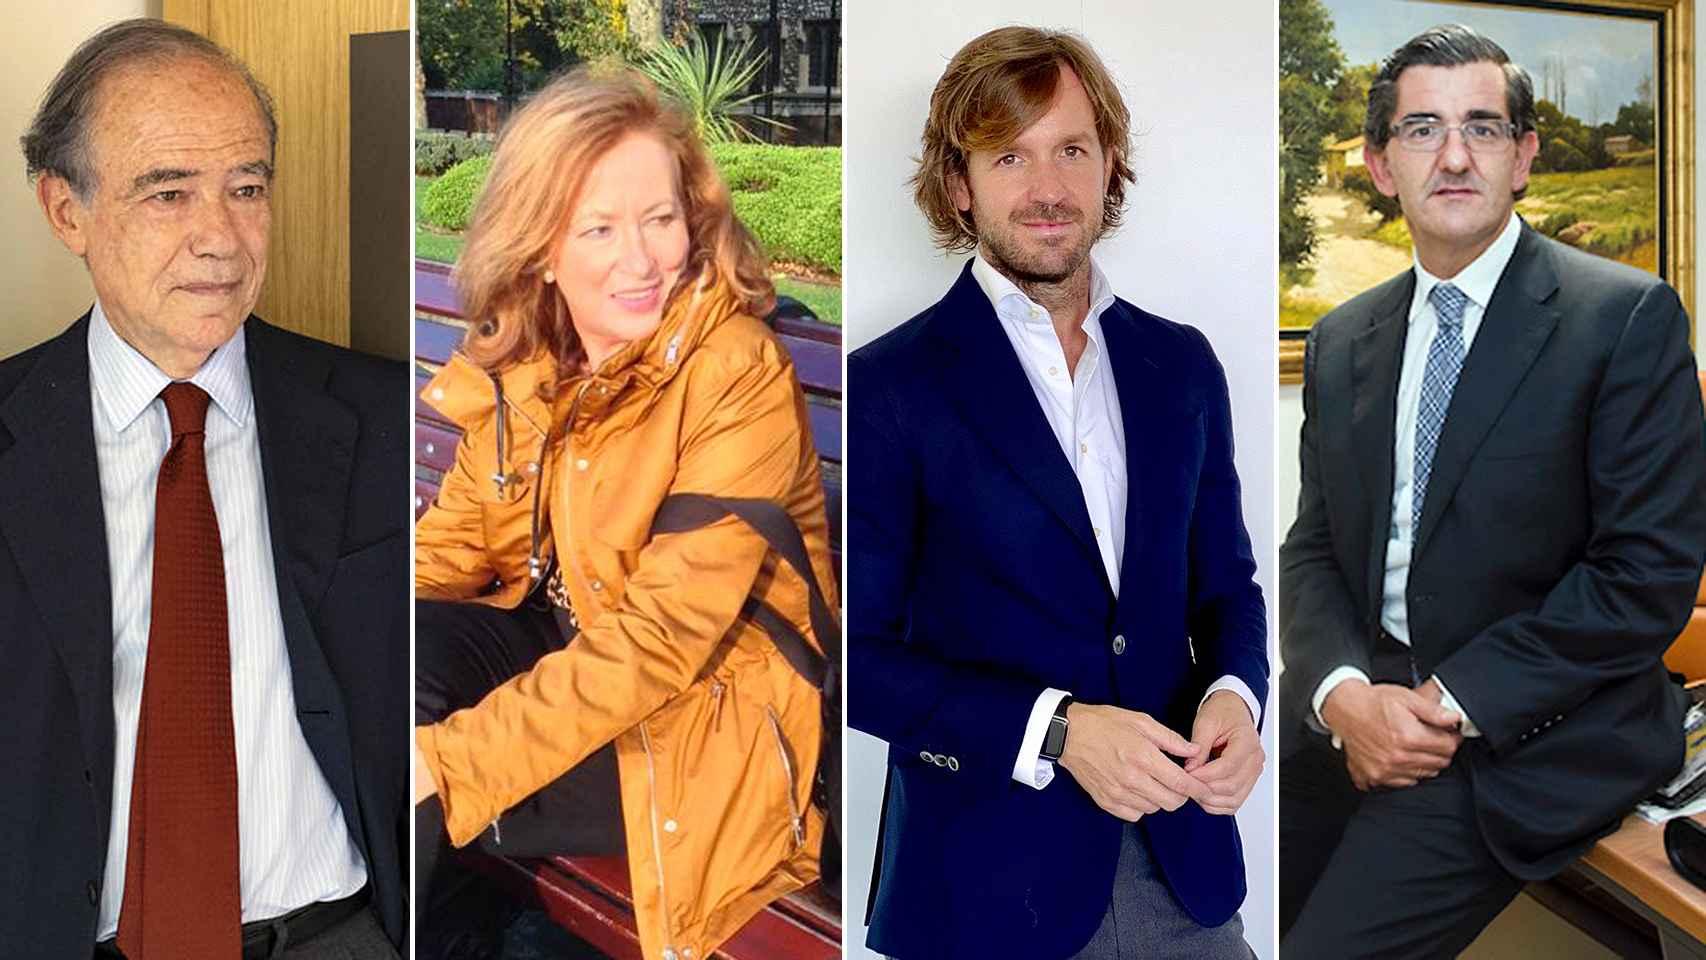 Gregorio Marañón y Beltrán de Lis, Clementina Díez de Baldeón García, Rosauro Varó Rodríguez y Juan Abarca Cidón, nuevos consejeros de EL ESPAÑOL.